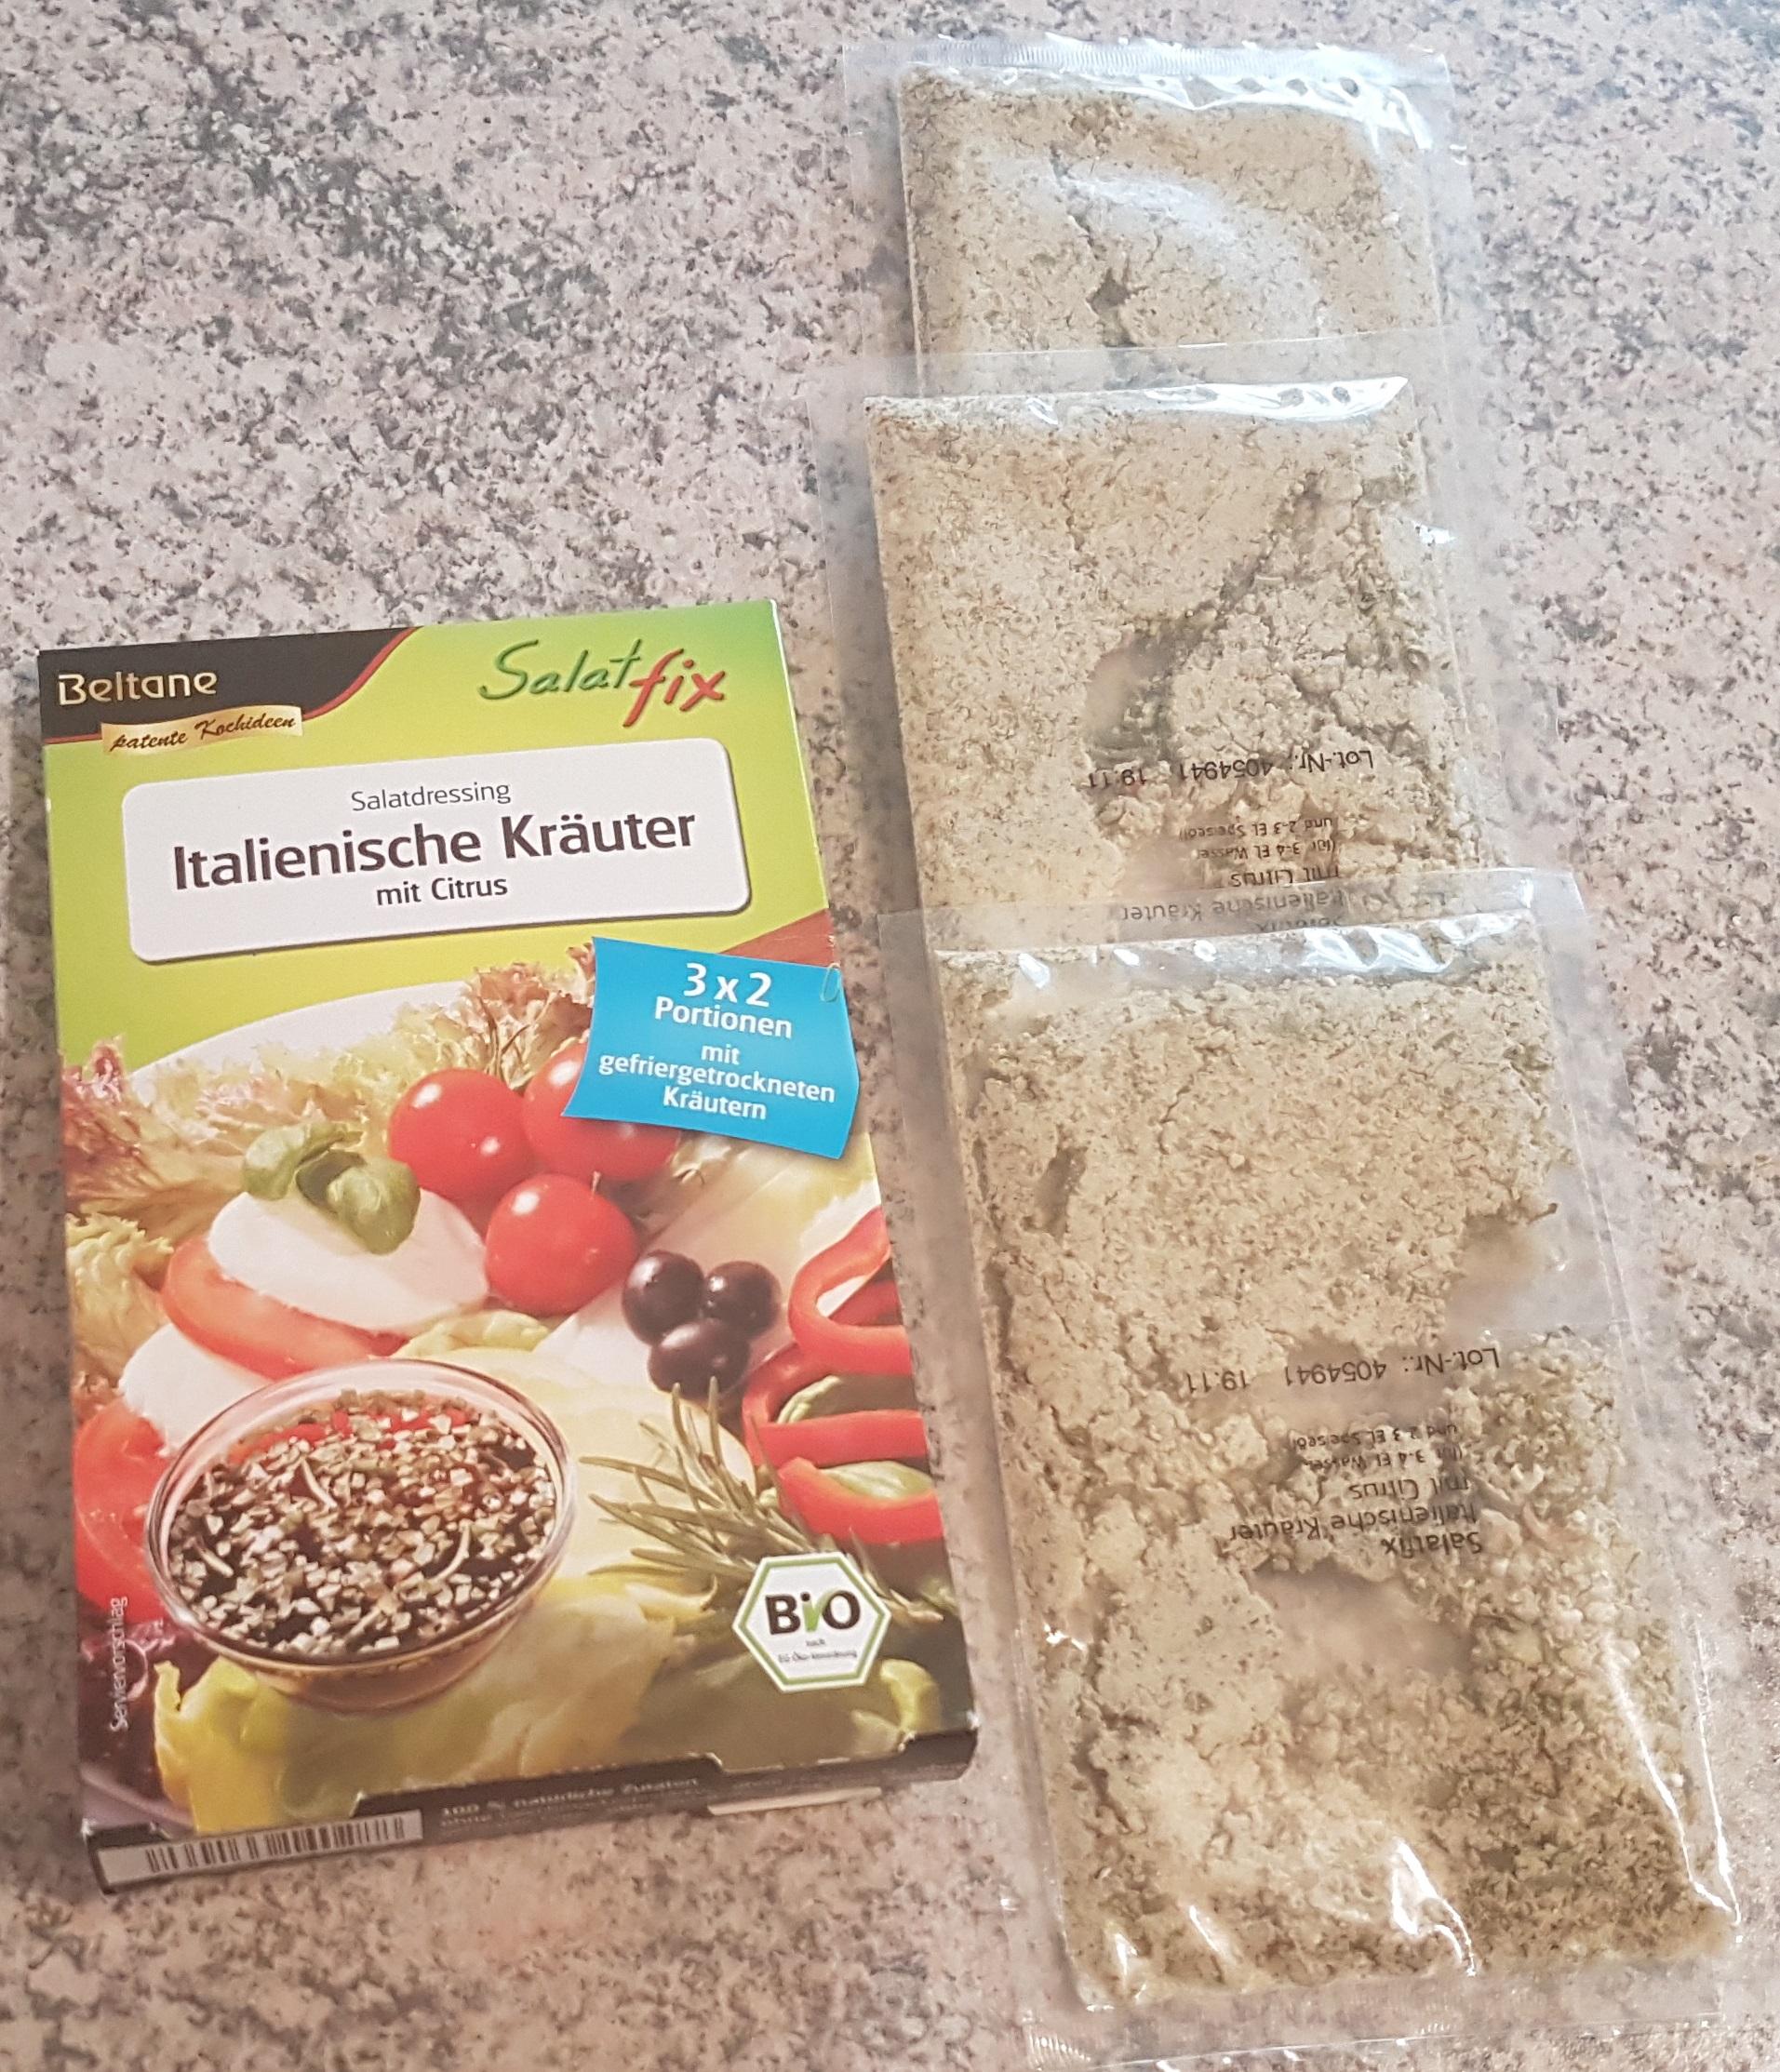 beltane-salatfix-italienische-kraeuter